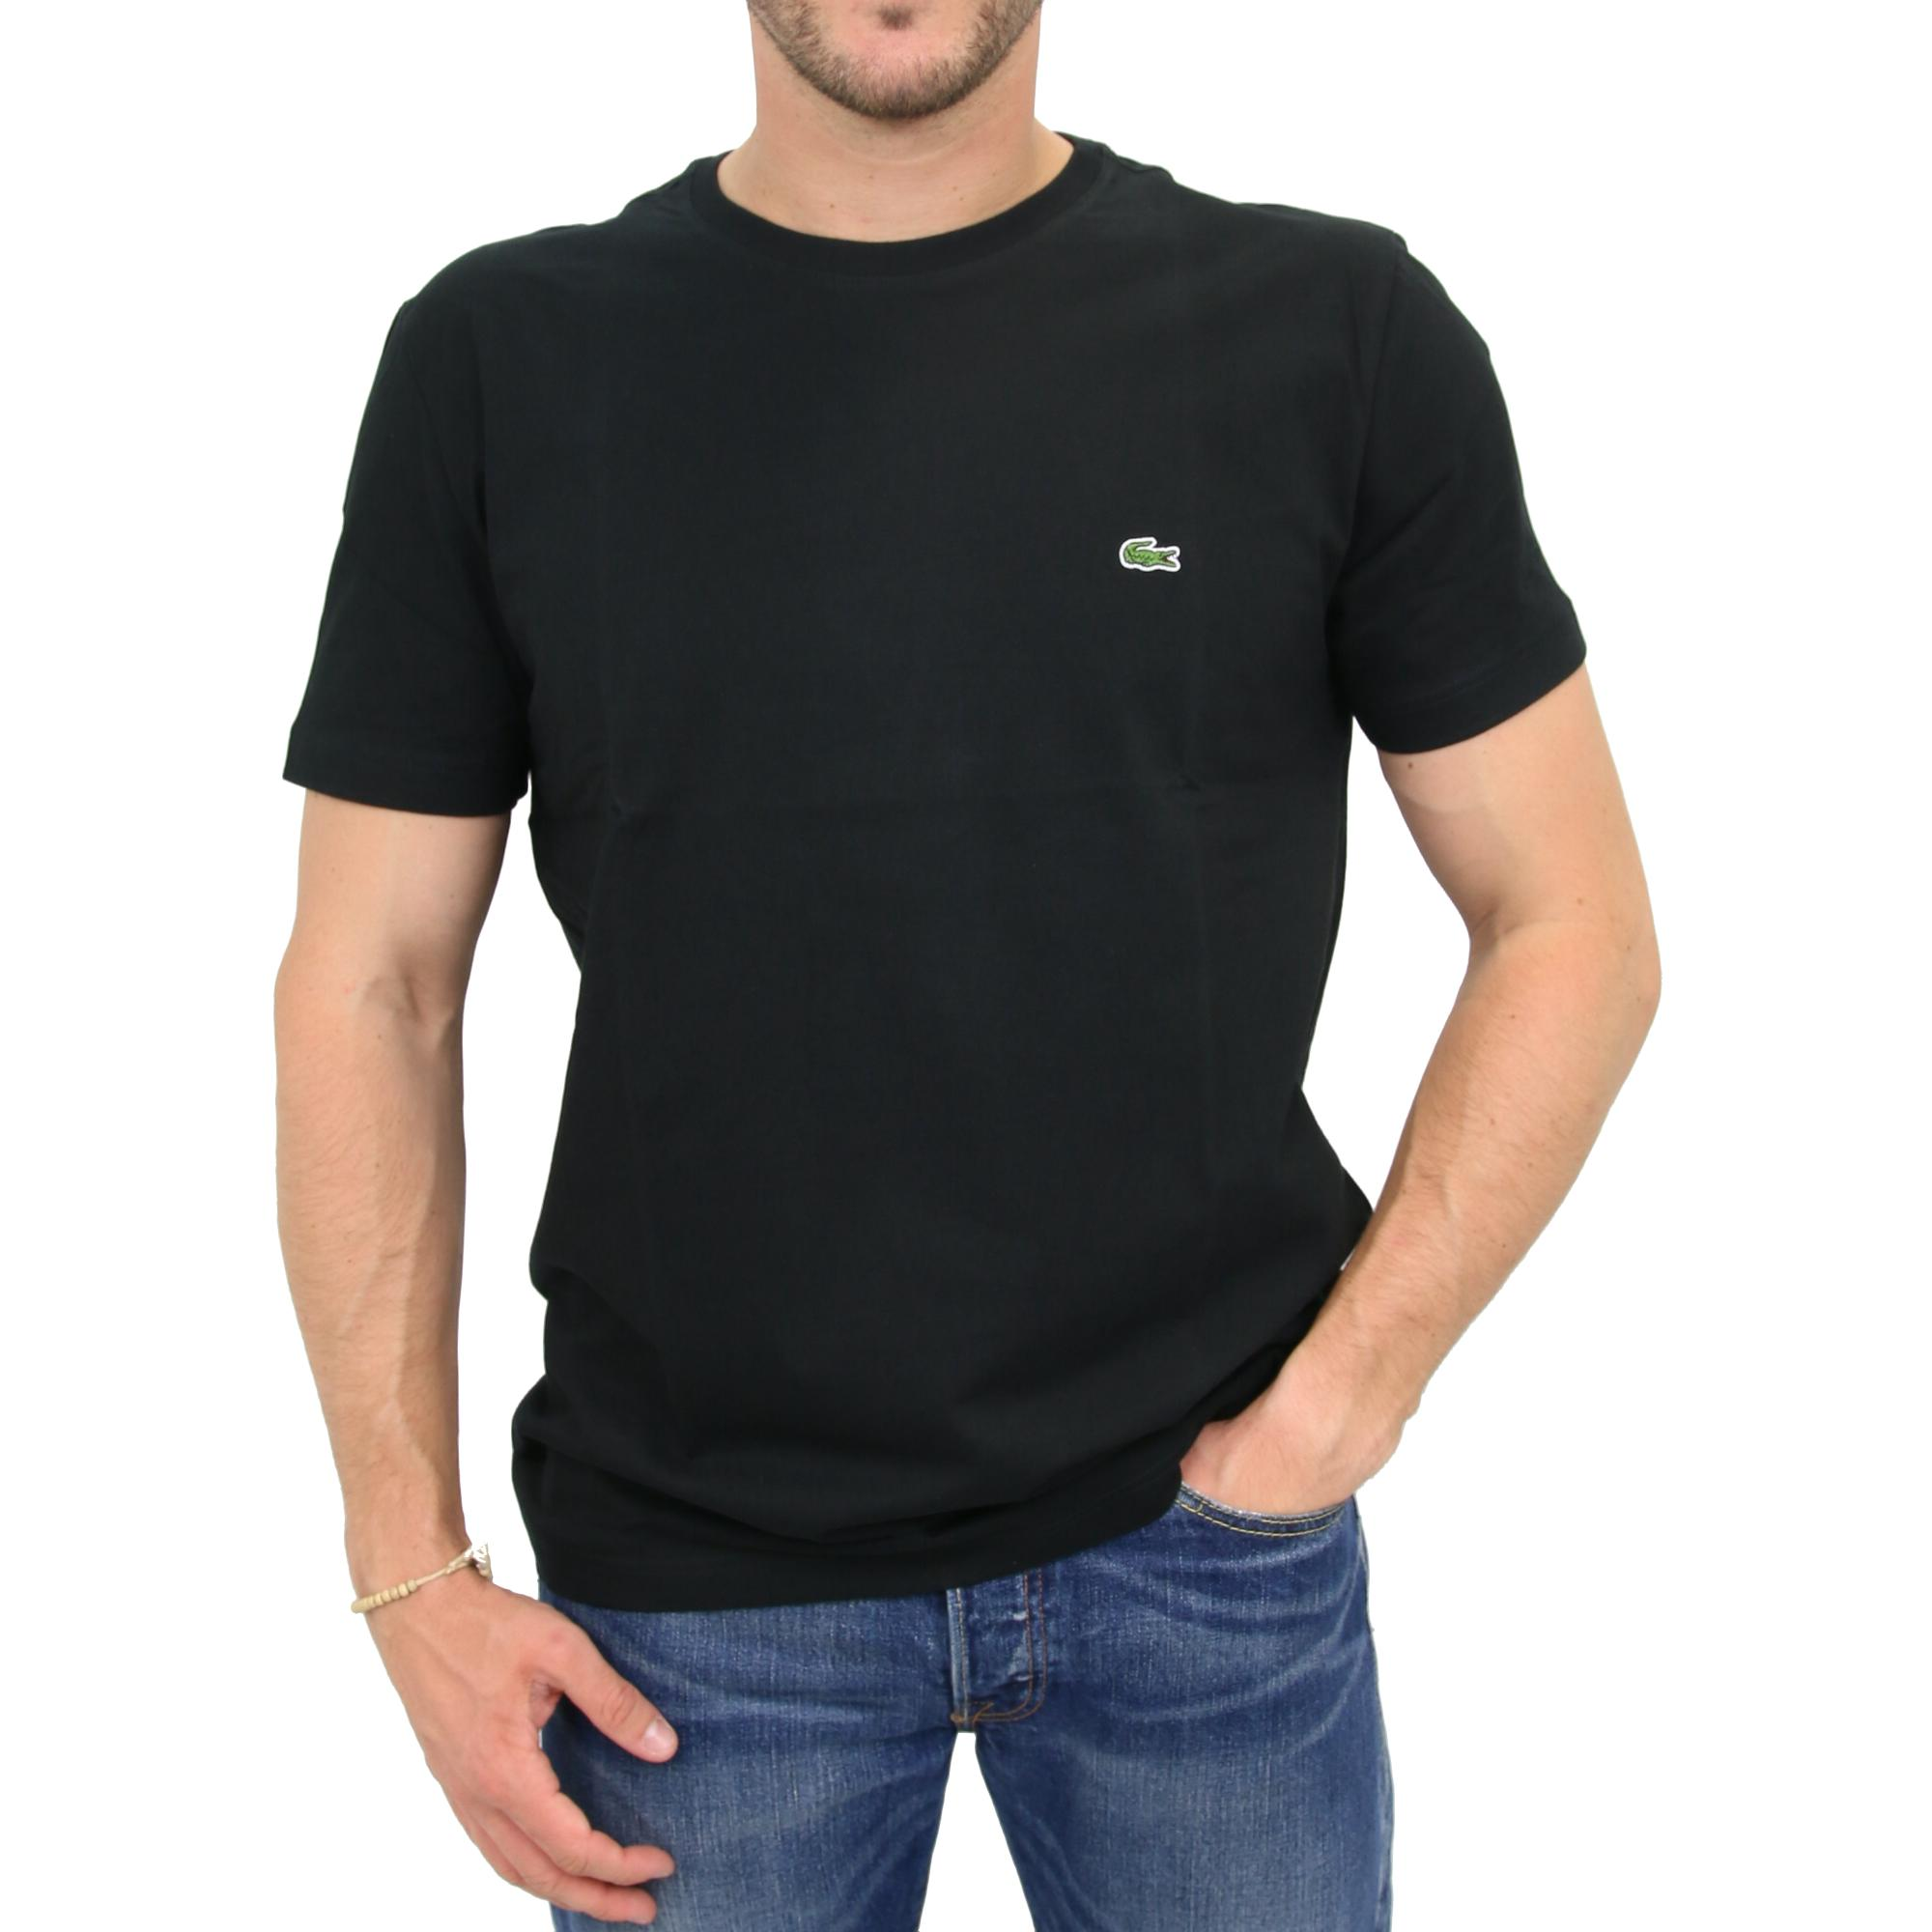 t shirt lacoste: